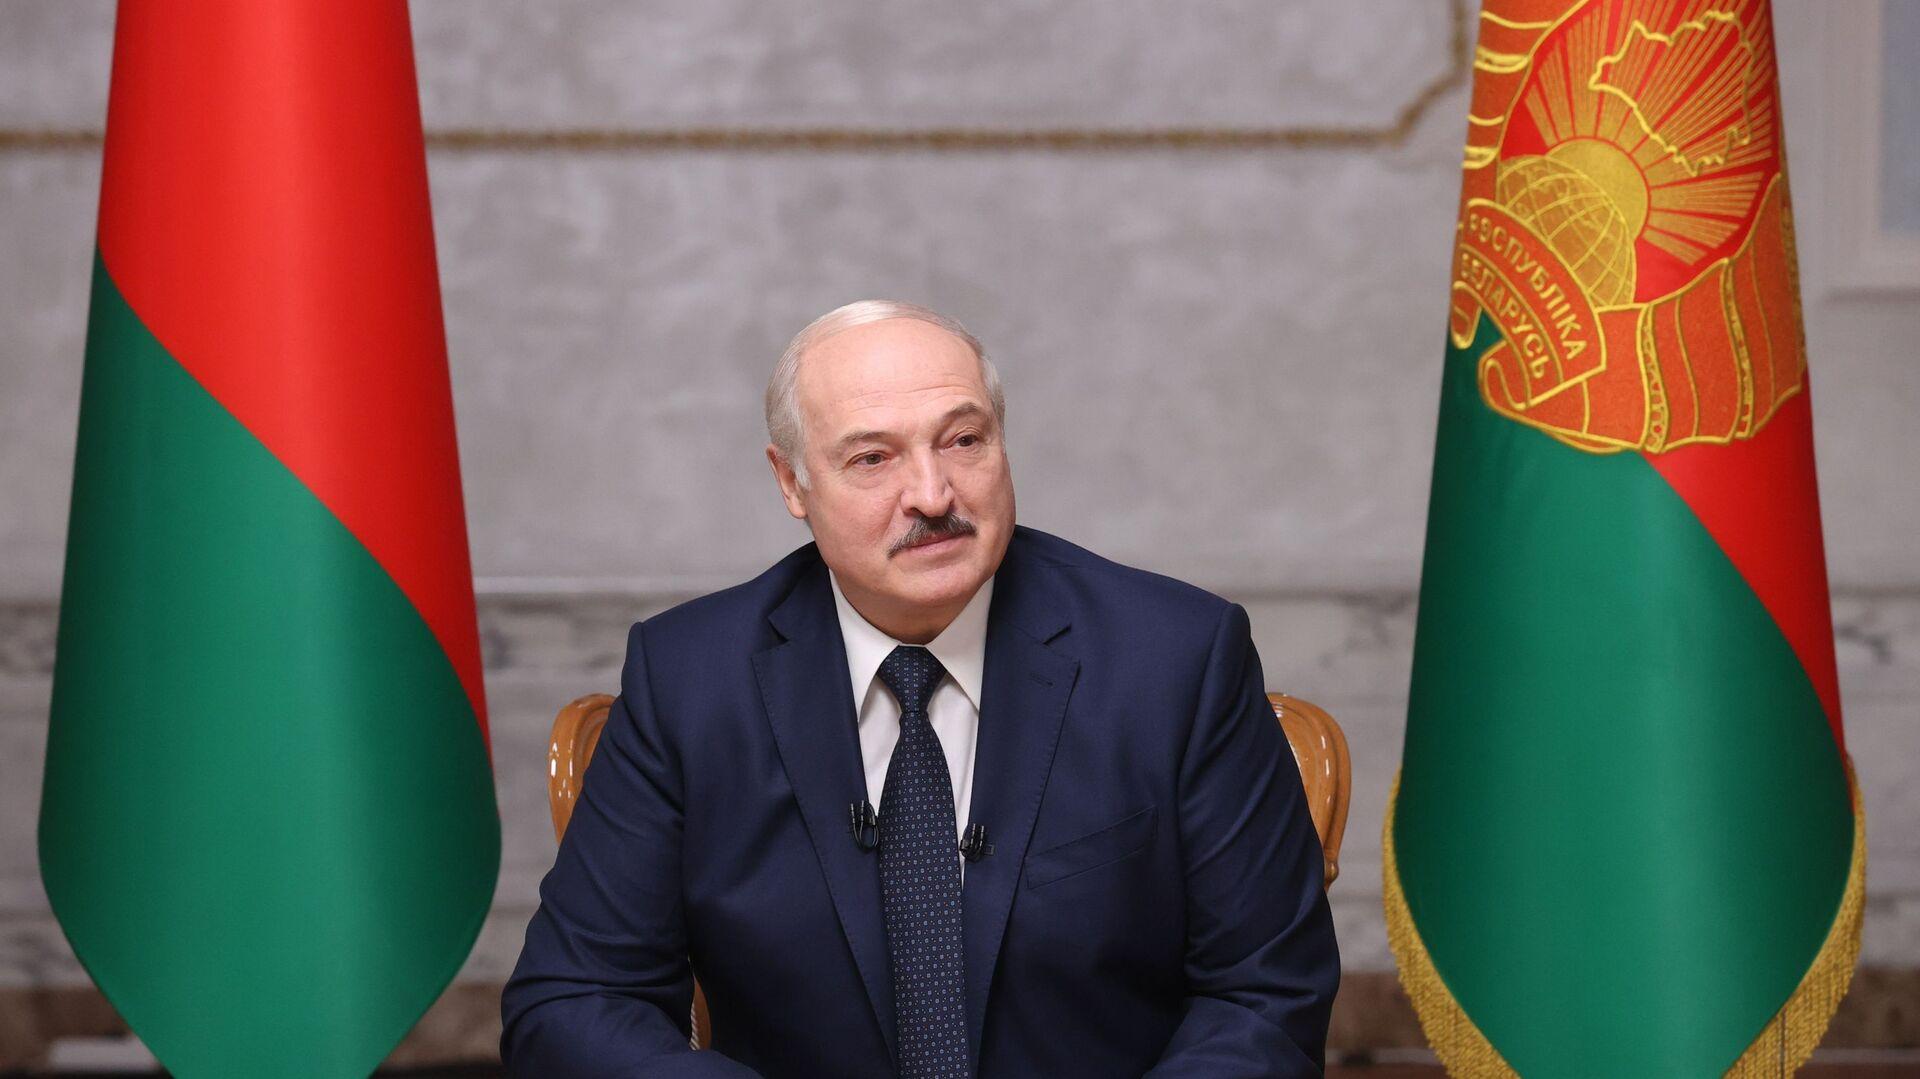 Alexandr Lukashenko, presidente de Bielorrusia  - Sputnik Mundo, 1920, 24.04.2021